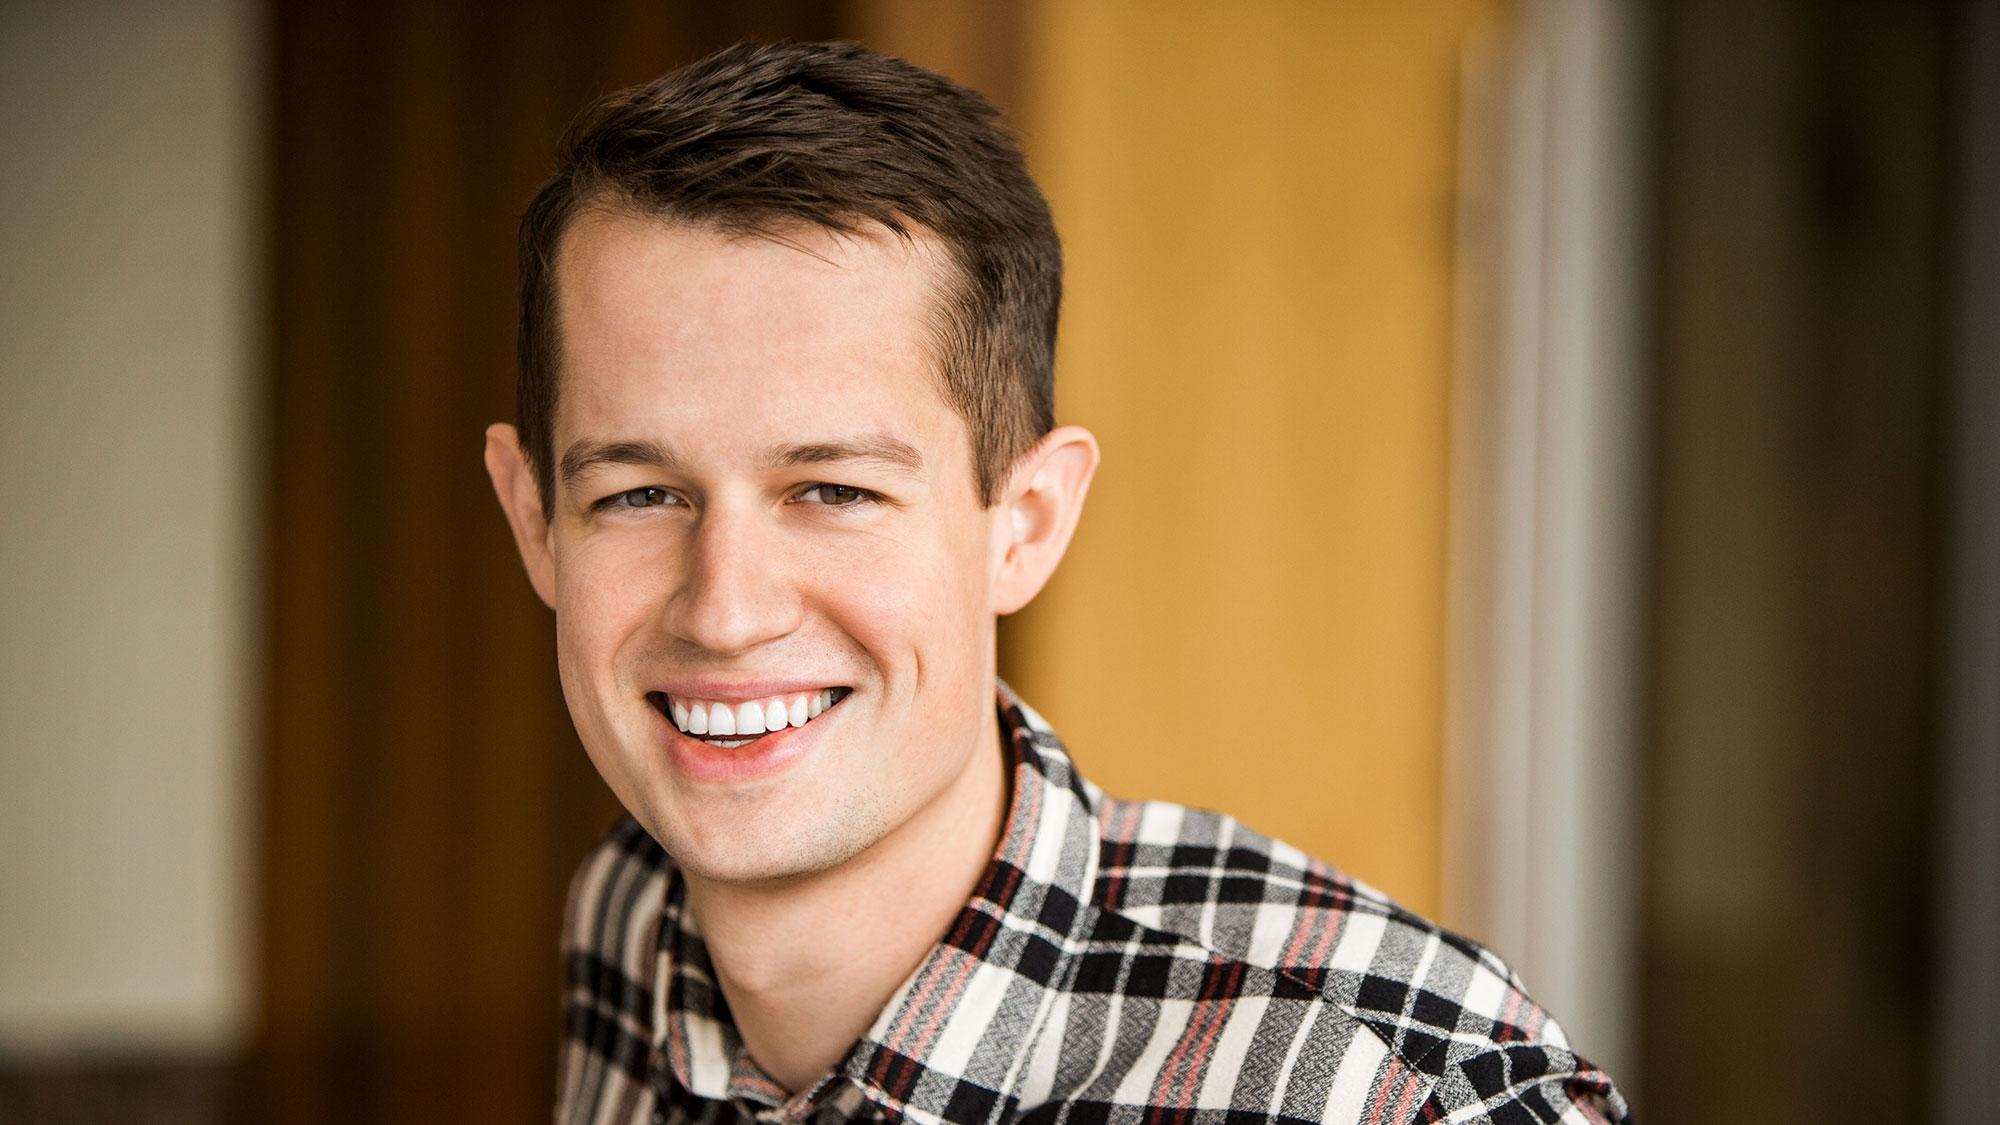 Early Facebook designer Bobby Goodlatte joins Greylock as designer-in-residence.